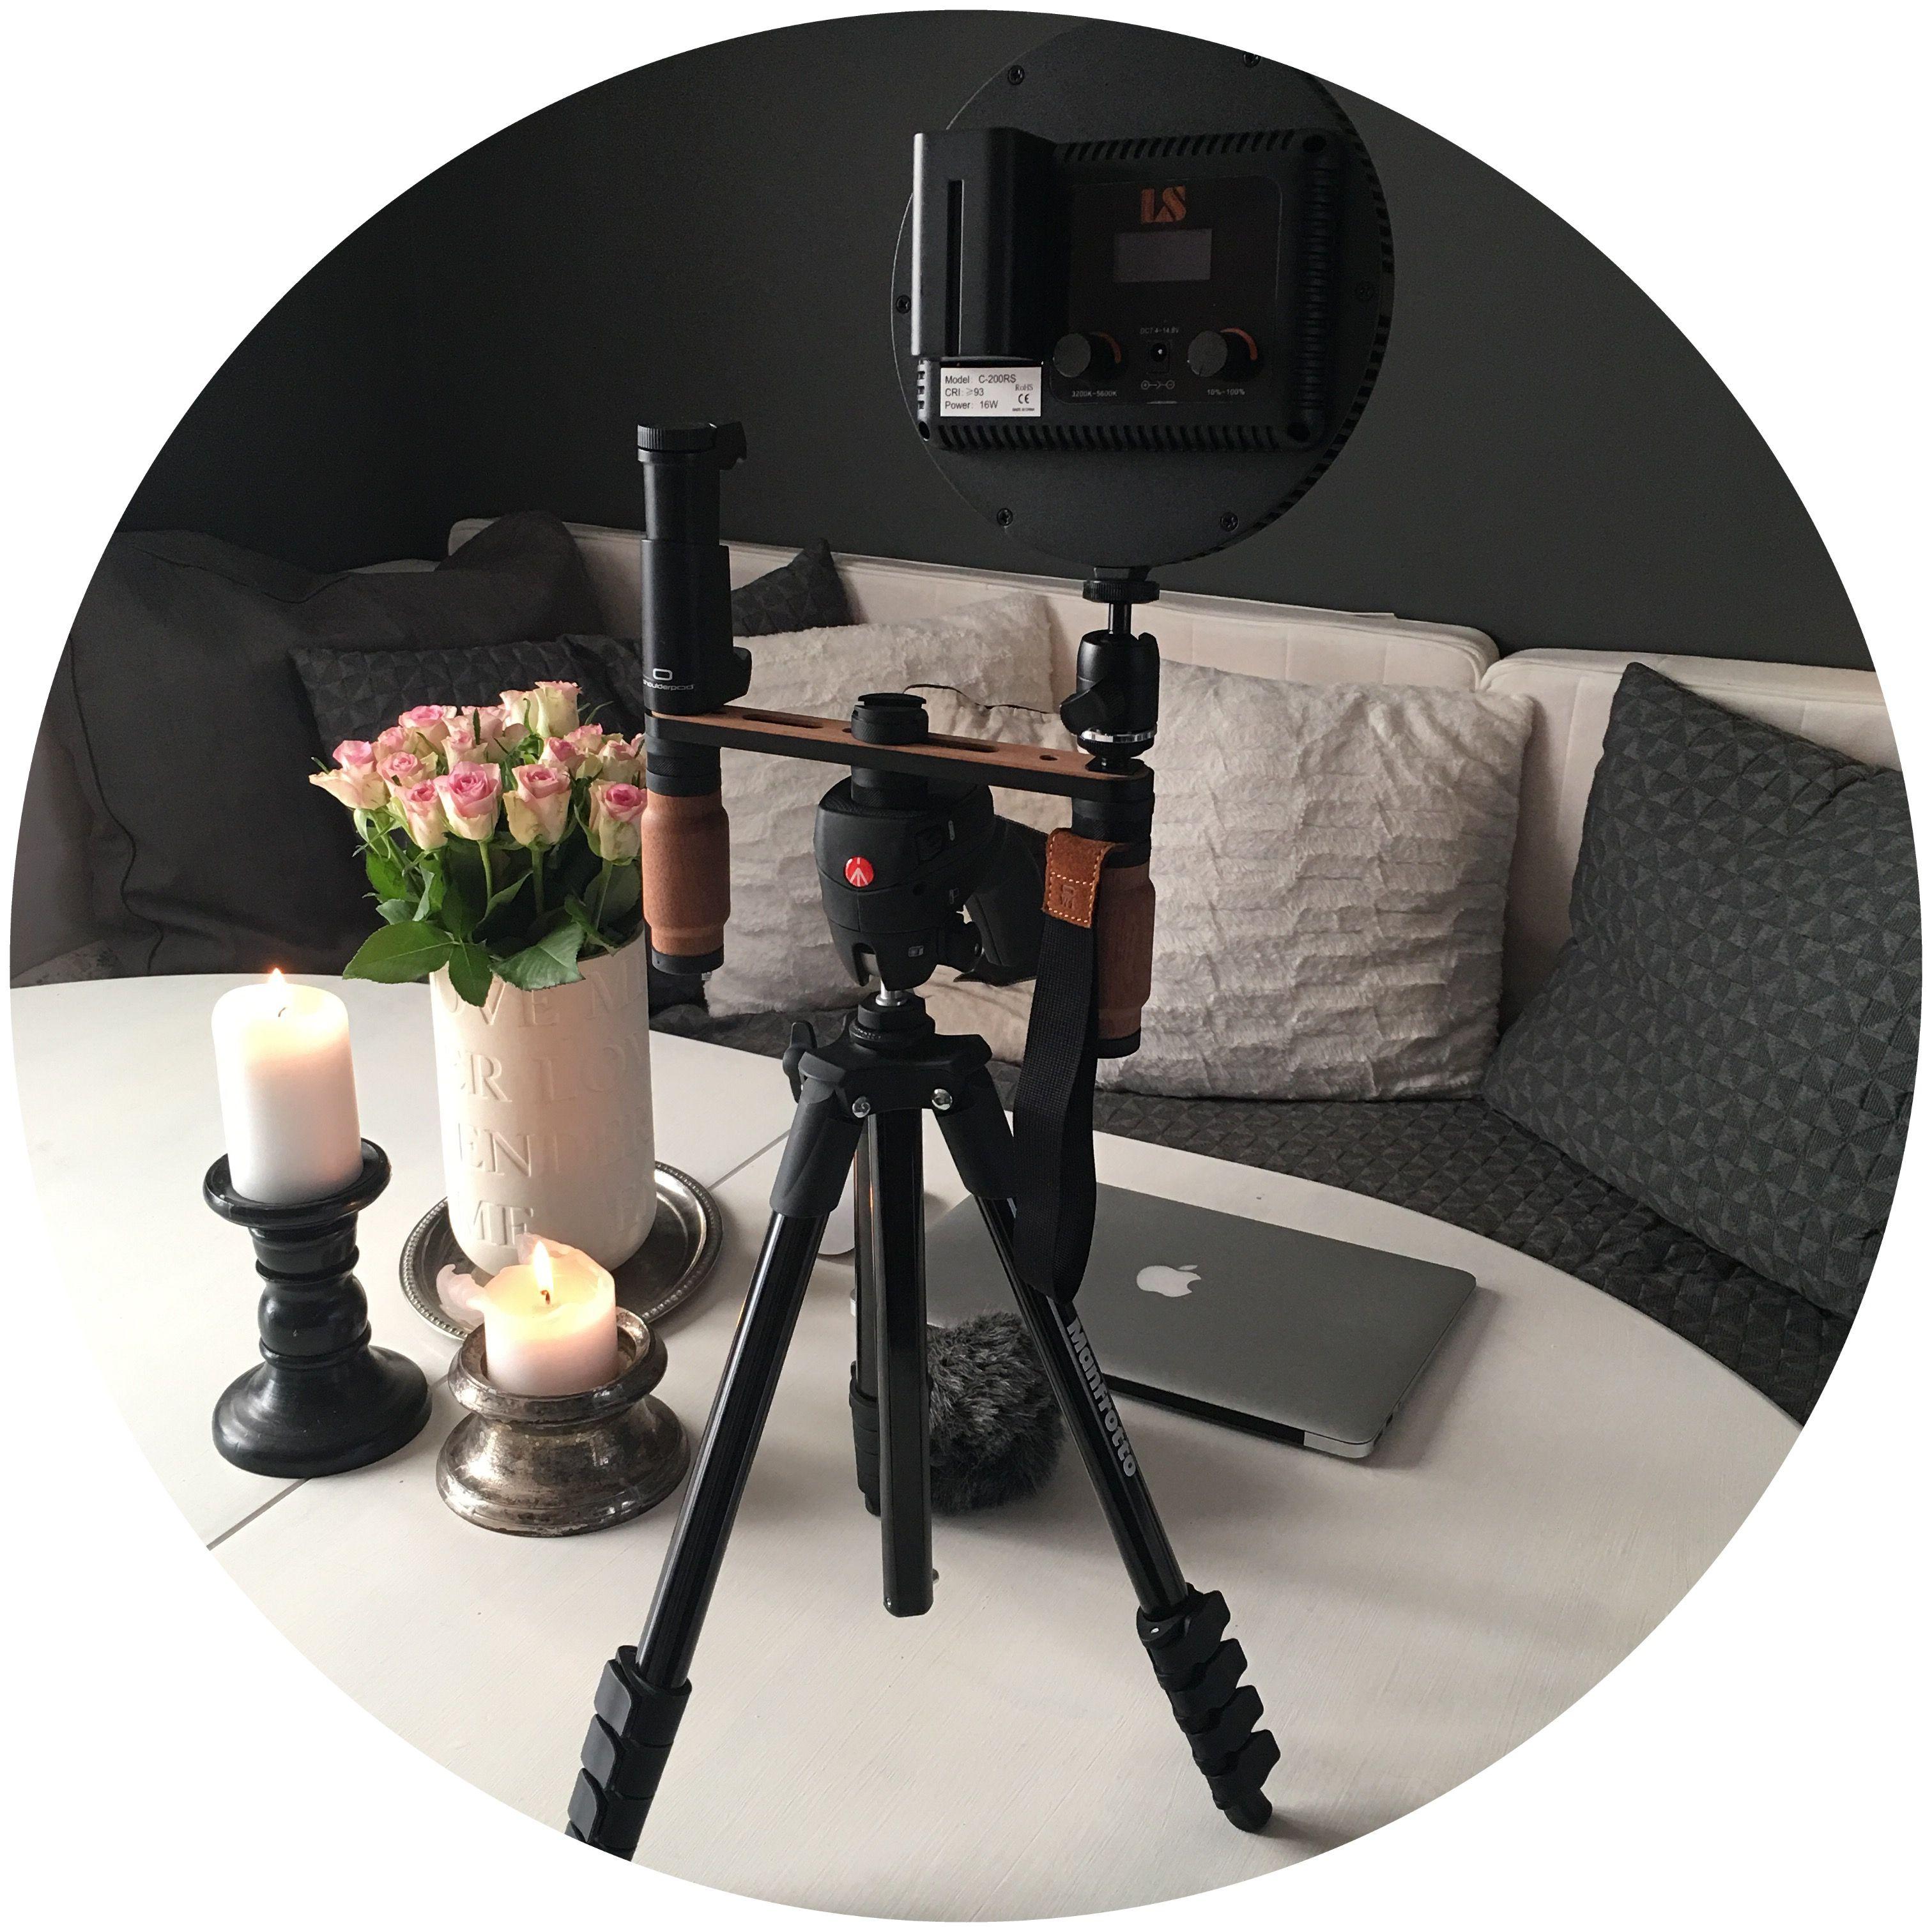 Når der skal optages video, skal foto-udstyret frem. Jeg laver videopræsentationer for mine kunder, og skal du bruge hjælp, så tøv ikke med at kontakte mig.  Anja fra Social Media by Heart. Sendmail@socialmediabyheart.dk